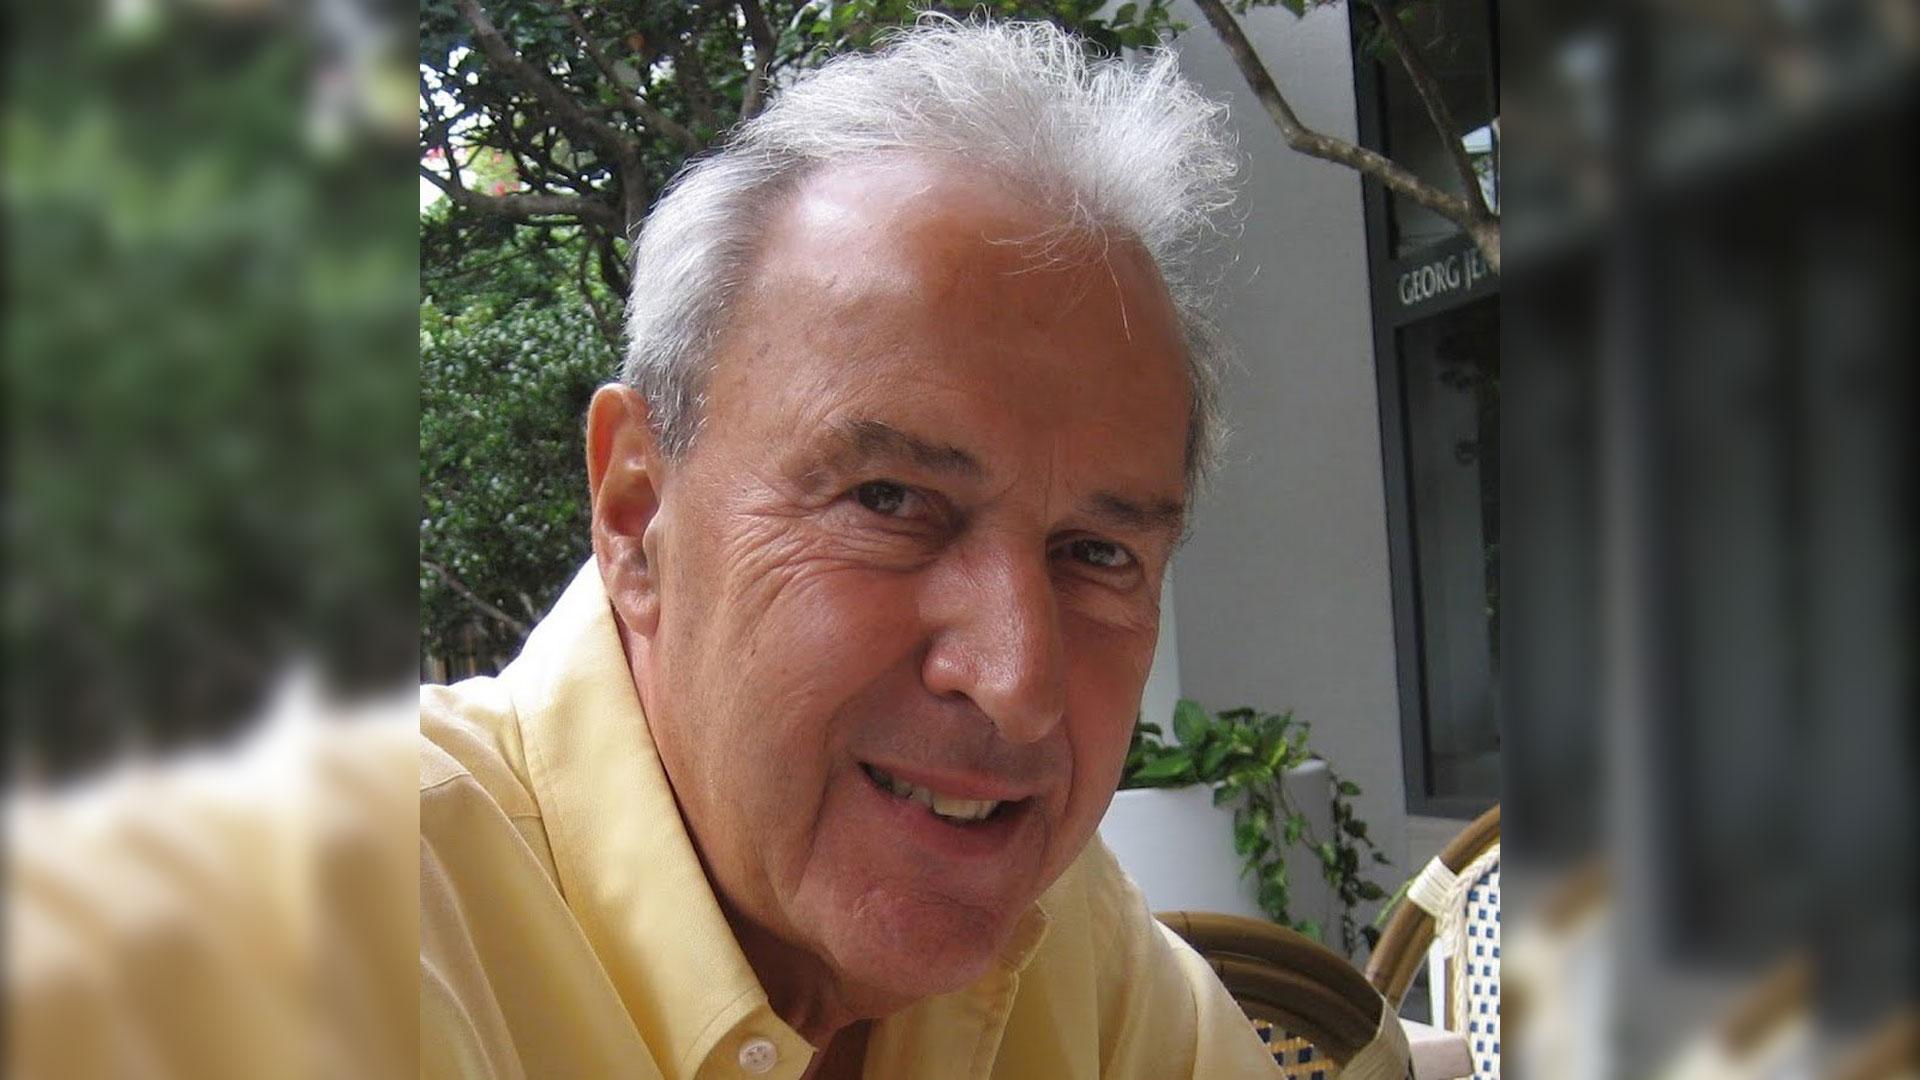 Aldo Ducler murió el jueves 1 de junio, dos días después de dejar un documento en la UIF